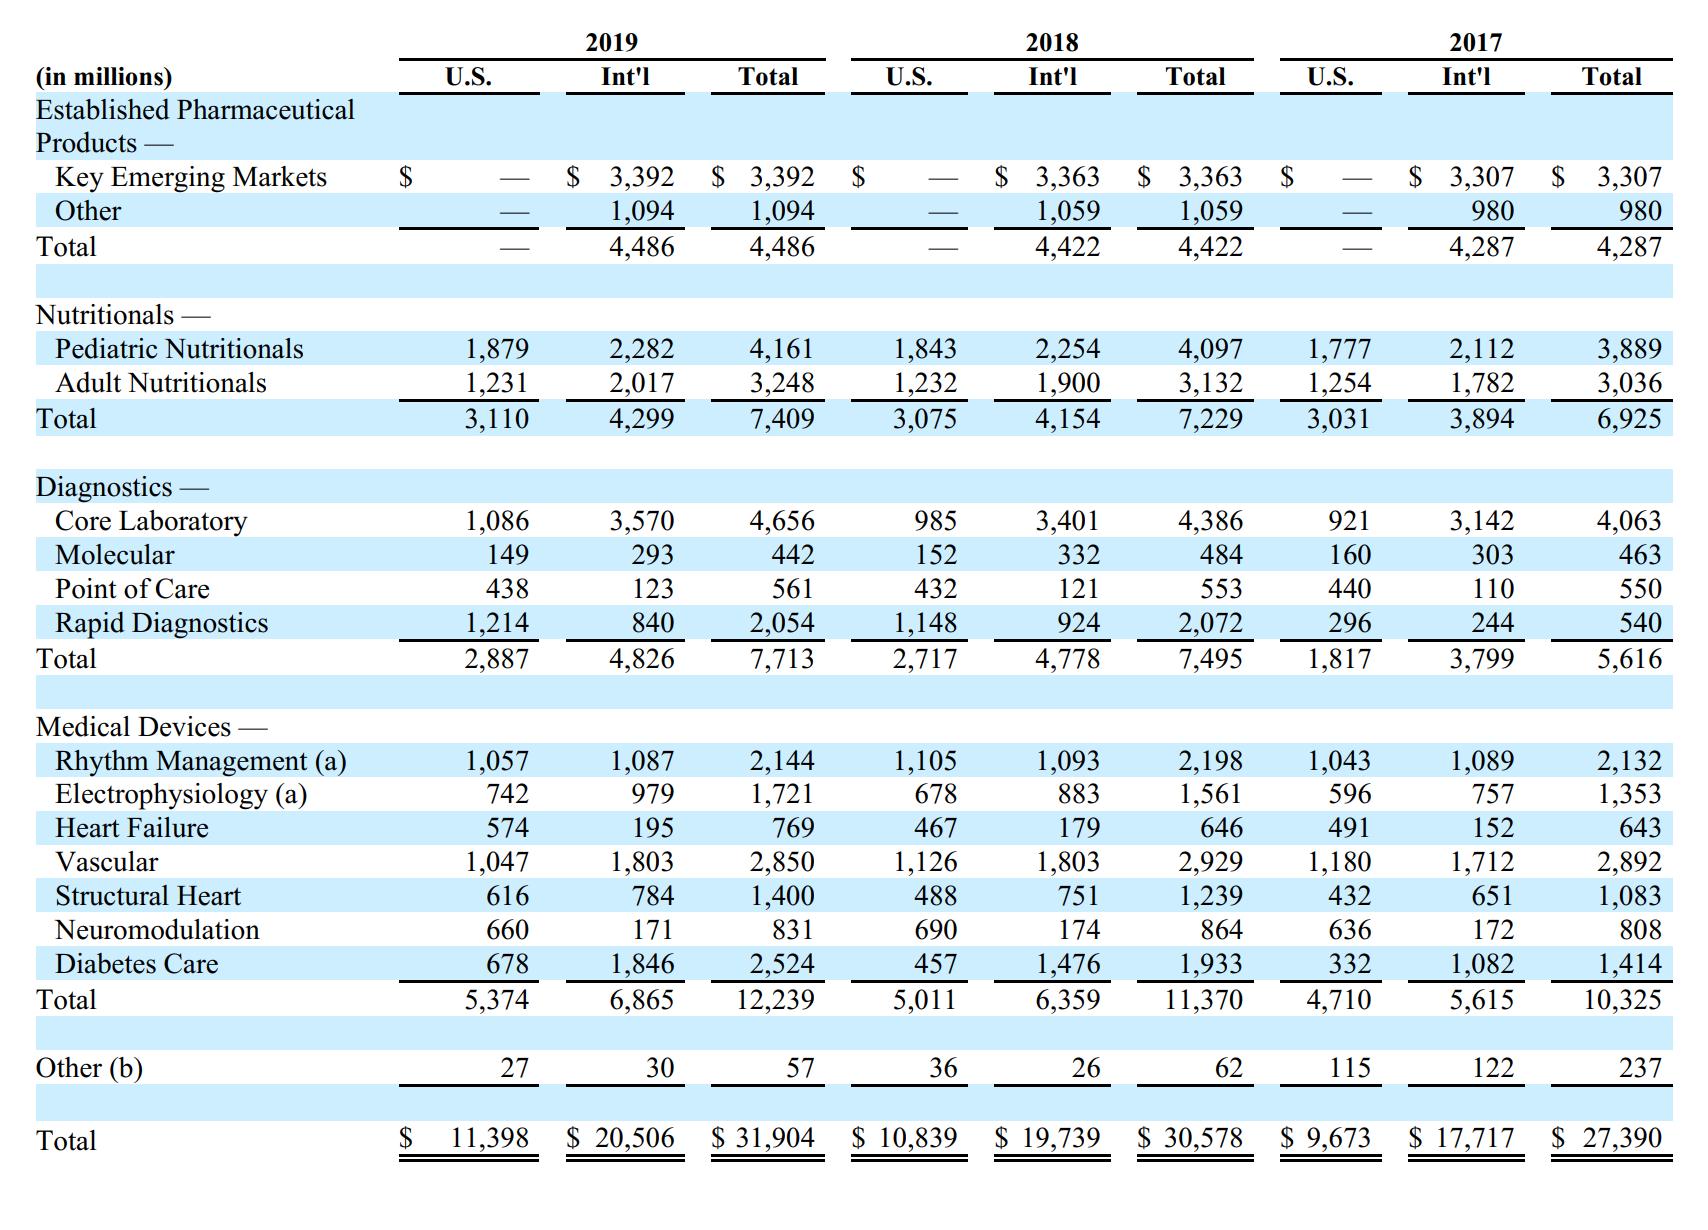 Выручка компании по годам и сегментам, в миллионах долларов. Источник: годовой отчет компании, стр.55(56)